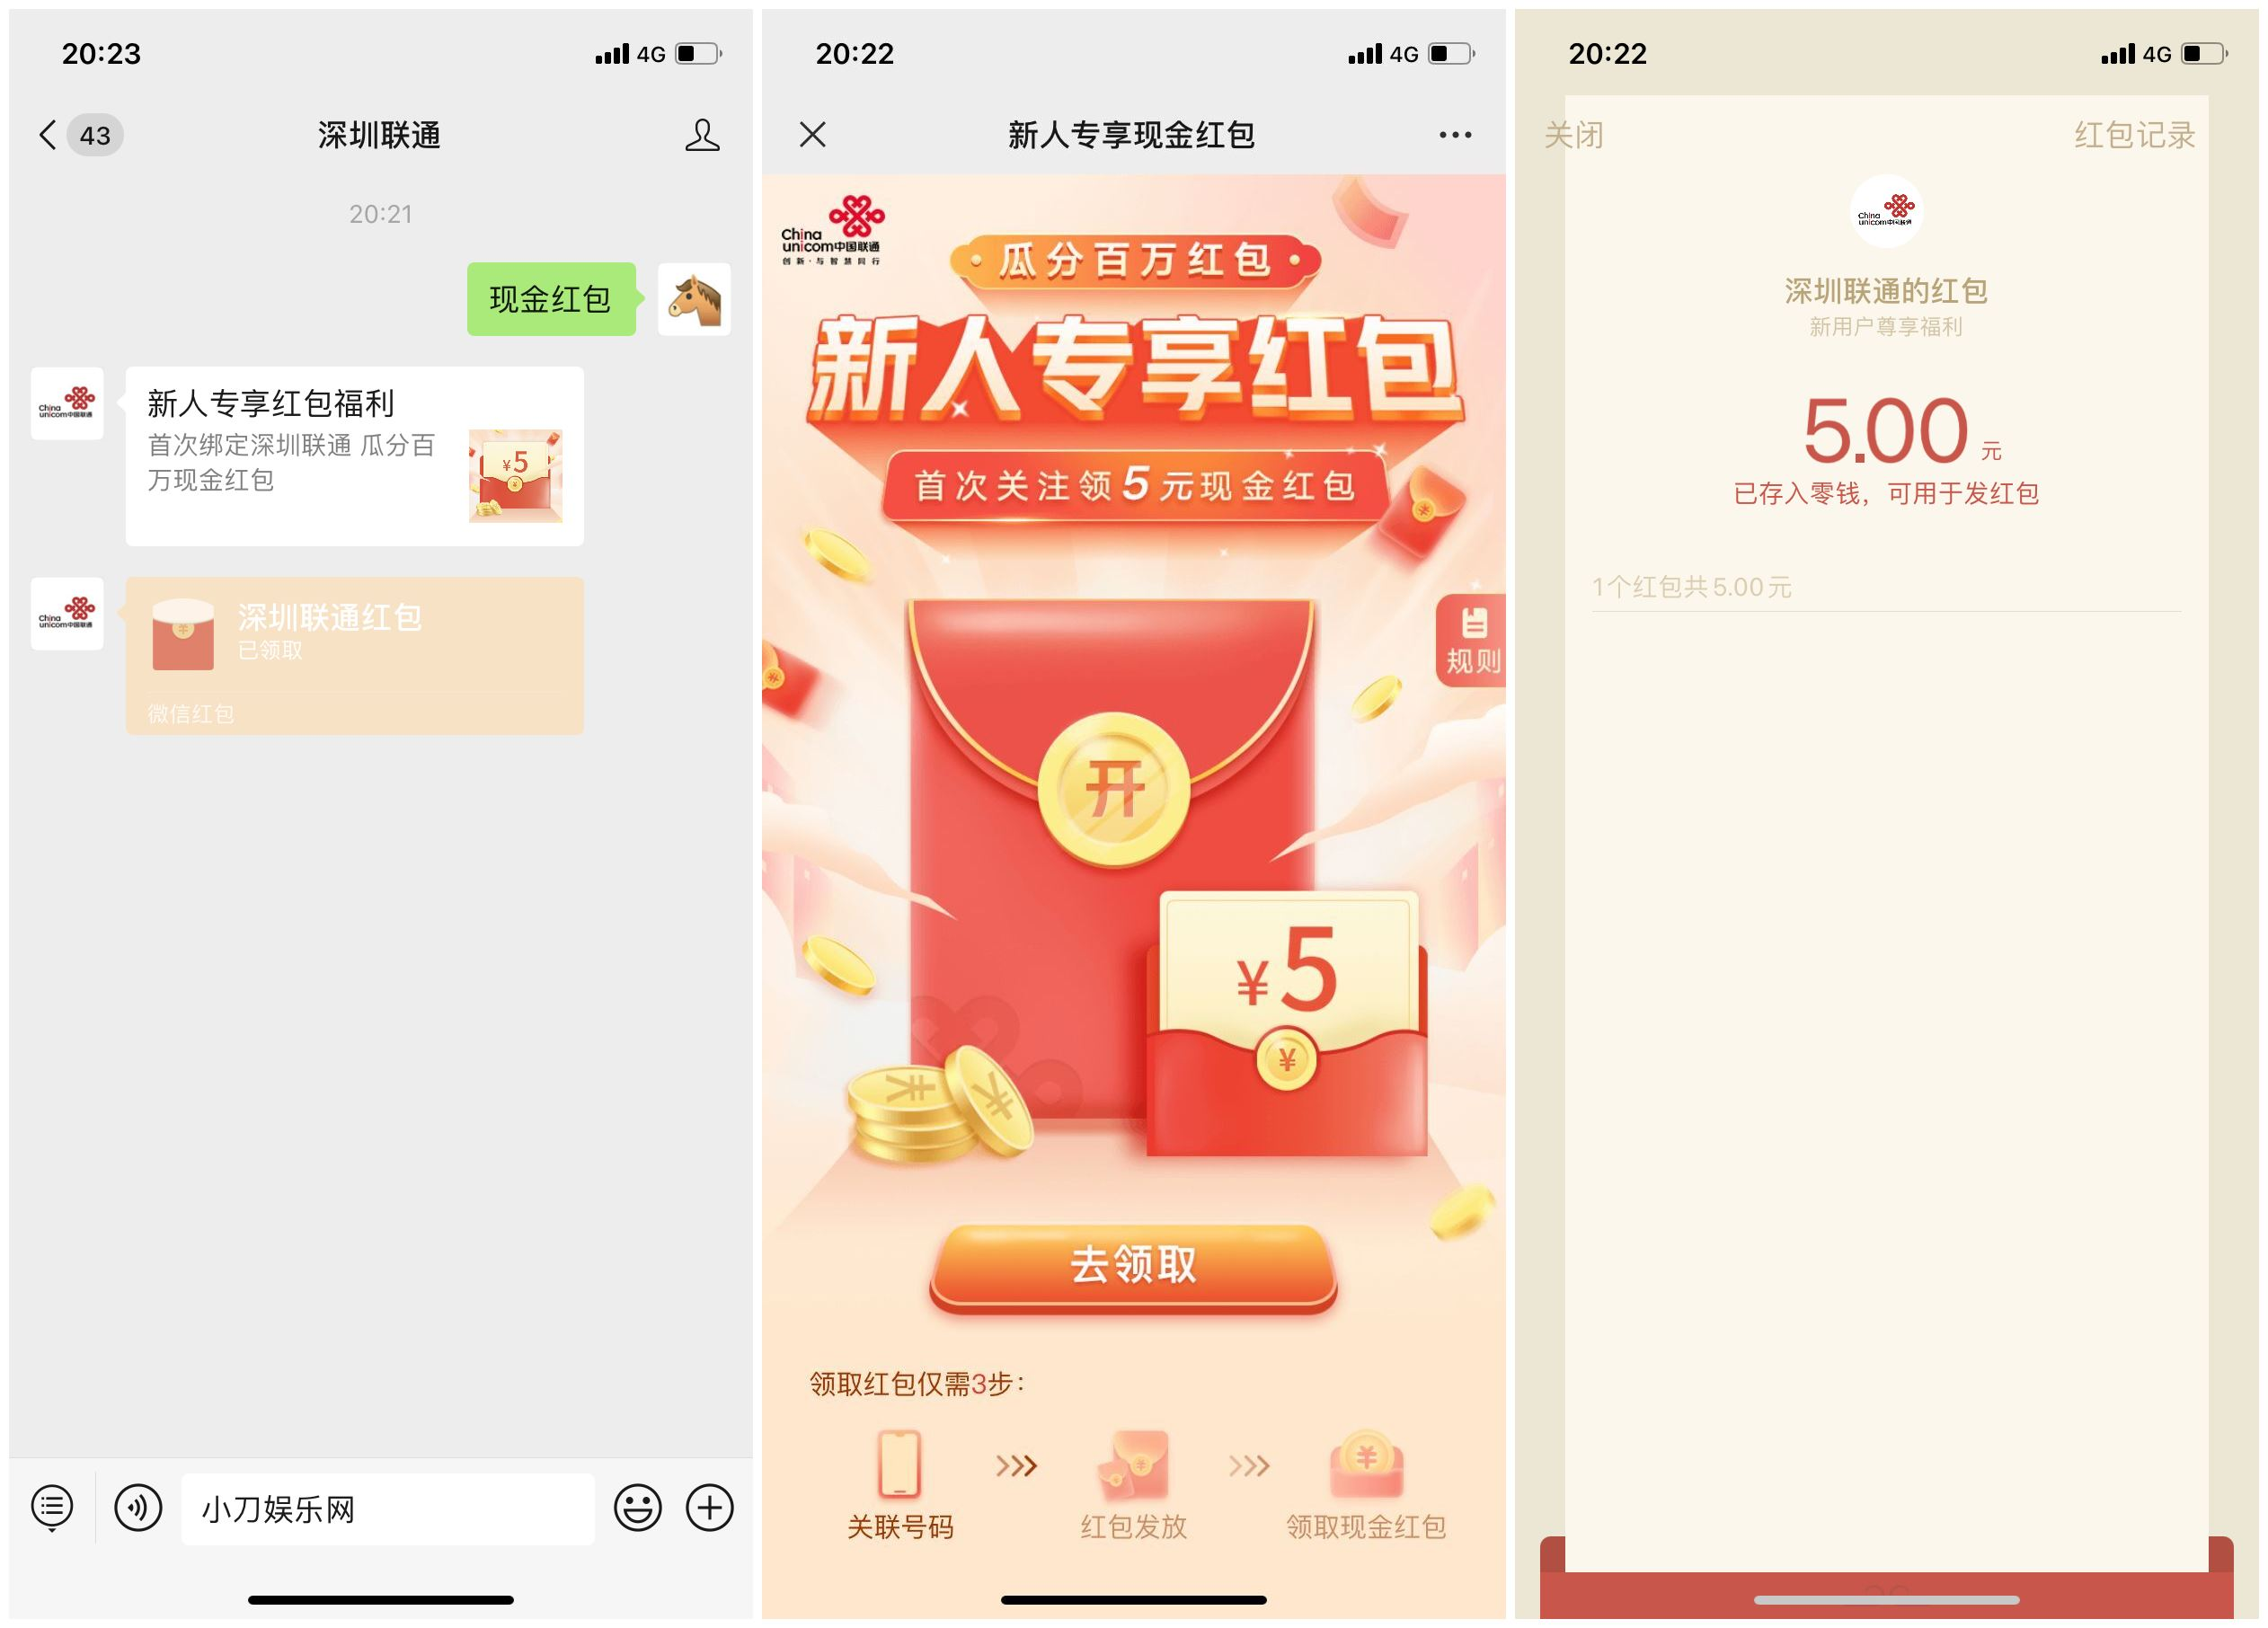 深圳联通领取5元微信红包